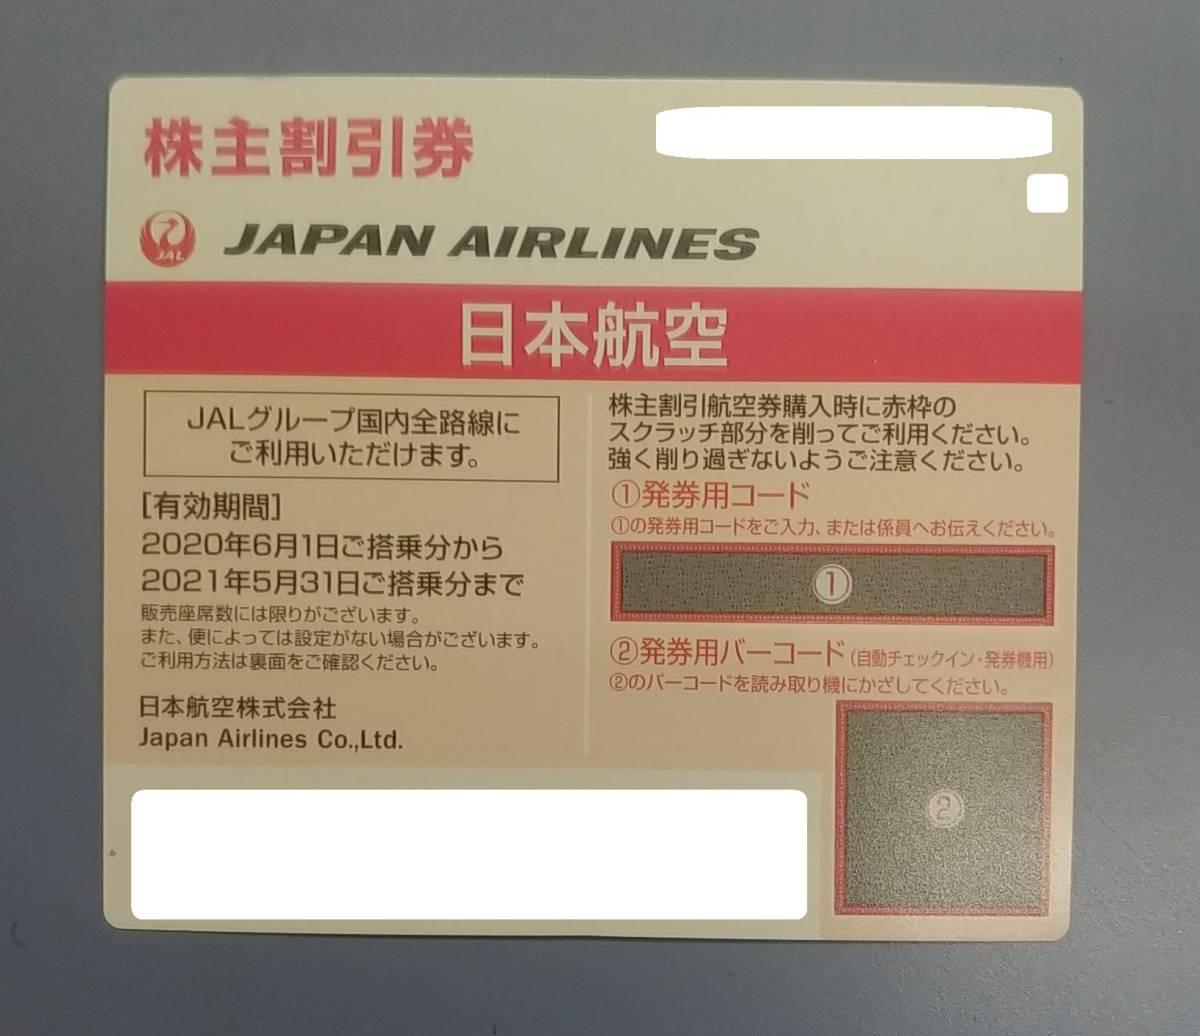 ◎有効期限延長分◎ 番号通知対応★ JAL 日本航空 株主優待 国内5割引 複数枚あり 2021年5月31日期限⇒2021年11月30日に延長_画像1